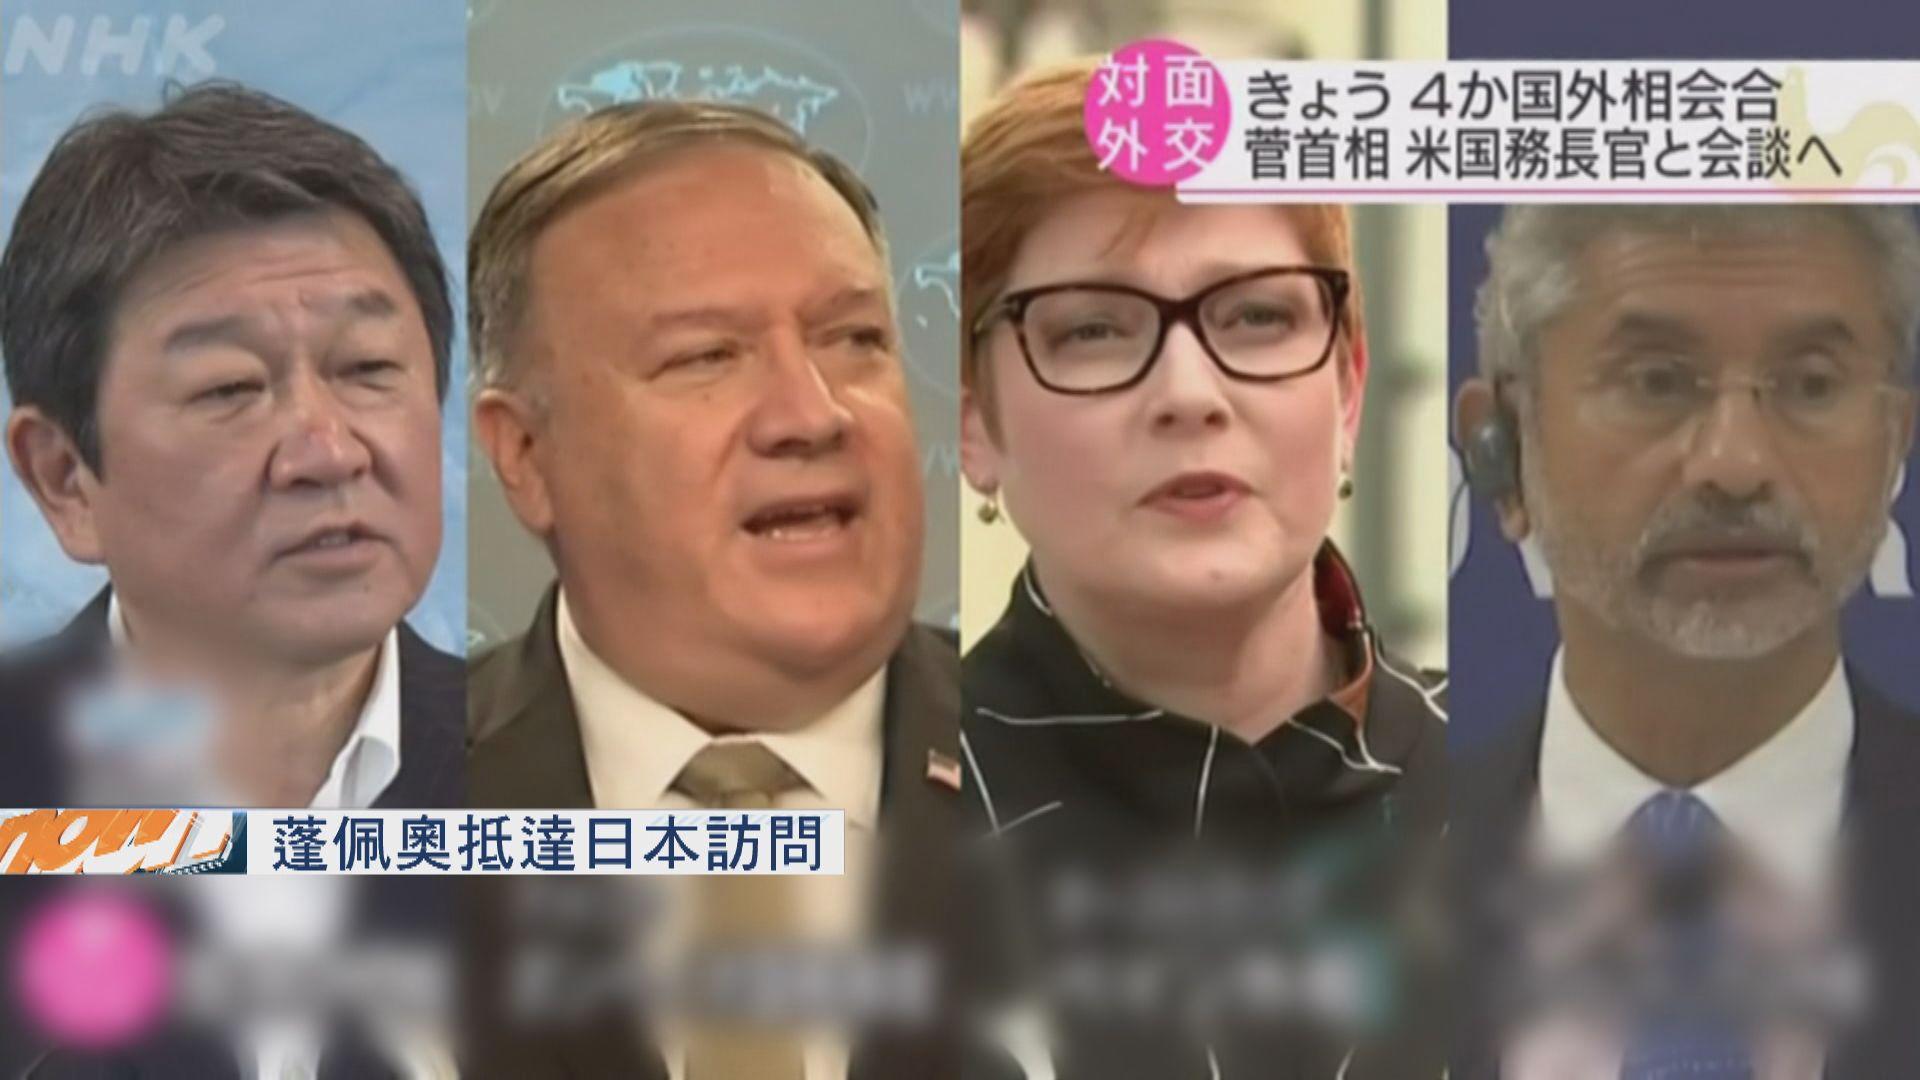 蓬佩奧抵達日本訪問 將出席四國外長會議